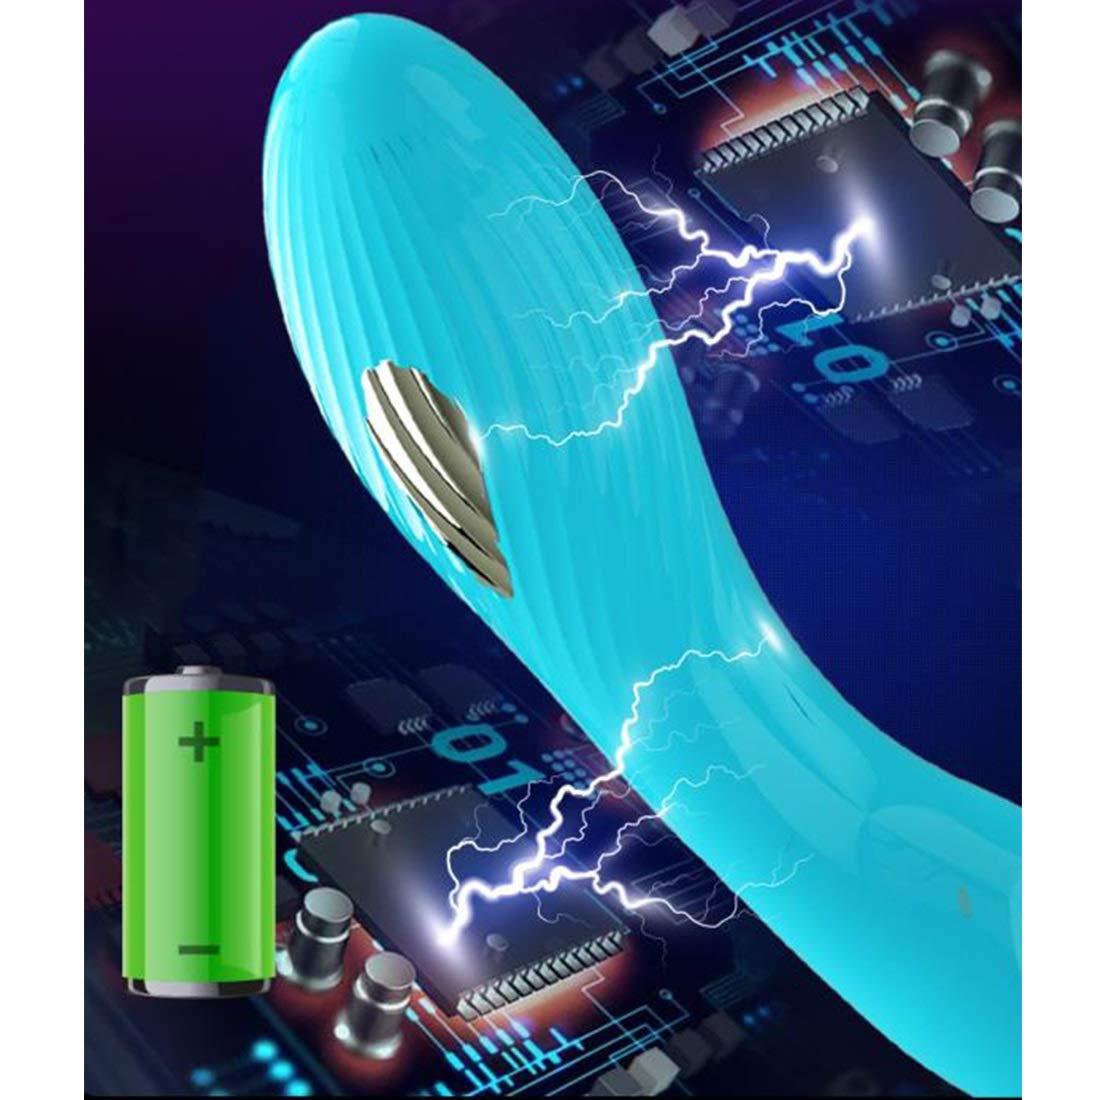 LINANNAV Masturbación Femenina eléctrica vibrador clítoris simulación Juguete consolador Juguete simulación Sexual Varita de Masaje 957599